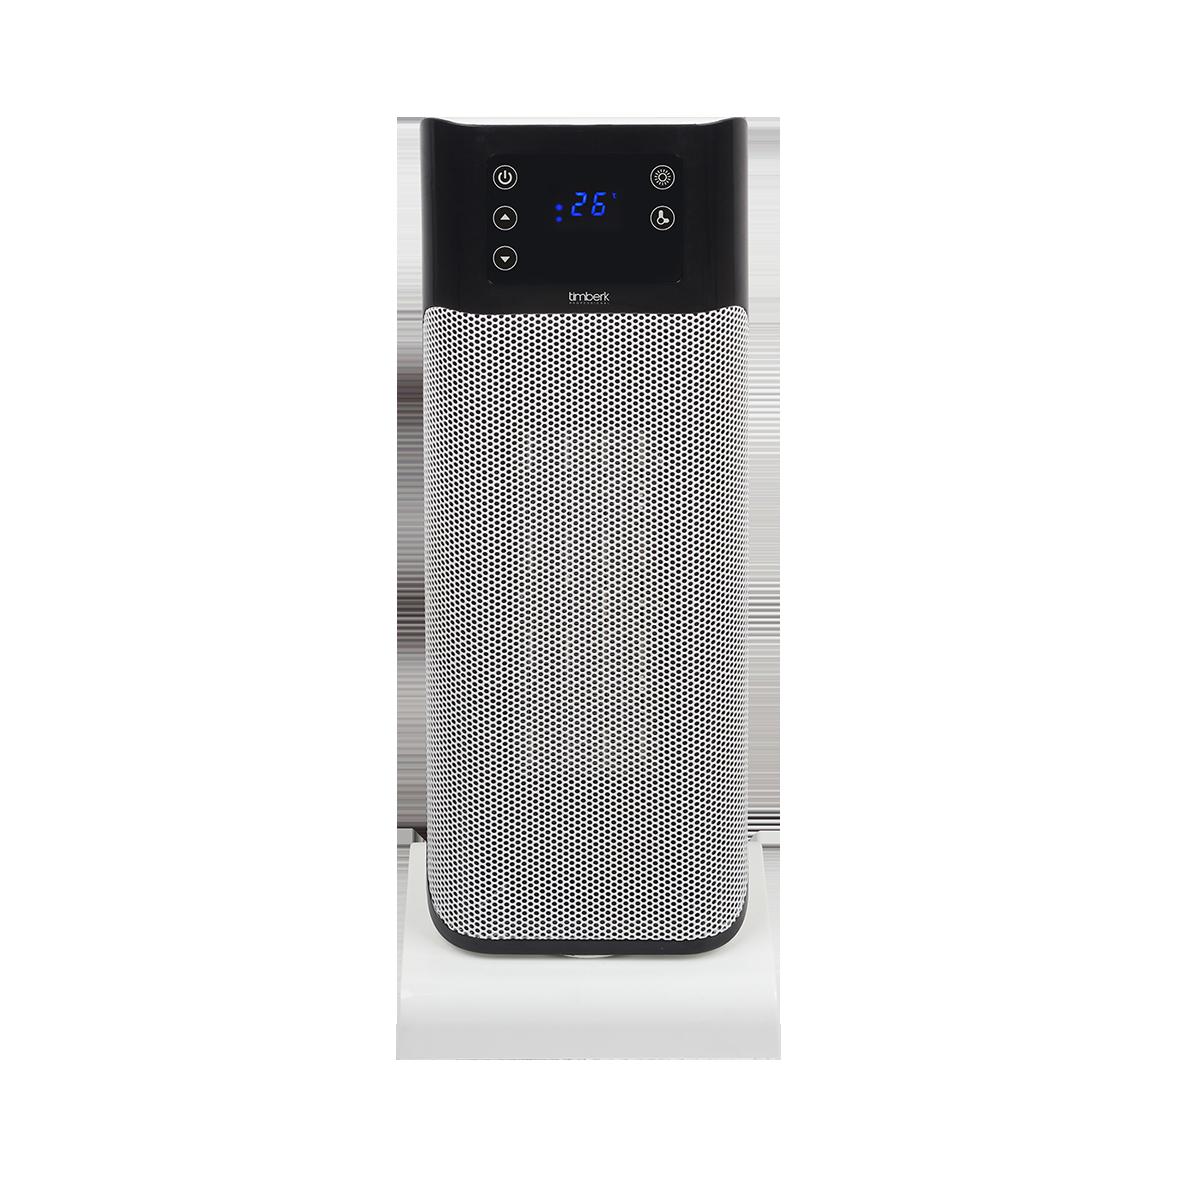 Тепловентилятор напольный TIMBERK TFH T20FSN.LZОбогреватели<br>Технология Oxygen Safe - увеличенная площадь нагревательного элемента, нагрев происходит гораздо быстрее, причём без активного сжигания кислорода<br>Два режима мощности на выбор &amp;#40;1000Вт и 2000Вт&amp;#41;<br>Многофункциональный эргономичный LED-дисплей с индикацией режимов работы и времени таймера<br>Таймер на 9 часов<br>Удобный пульт ДУ в комплекте &amp;#43; ручное управление<br>Двухуровневая защита от перегрева: термоограничитель и термопредохранитель<br>Hi-End дизайн<br>Высокоэффективный металлокерамический нагревательный элемент<br>Прибор Премиум-класса с первой ценой на рынке...<br><br>Тип: термовентилятор<br>Максимальная мощность обогрева: 2000<br>Тип нагревательного элемента: керамический нагреватель<br>Площадь обогрева, кв.м: 25<br>Вентиляция без нагрева: есть<br>Отключение при перегреве: есть<br>Вентилятор : есть<br>Управление: электронное<br>Регулировка температуры: есть<br>Термостат: есть